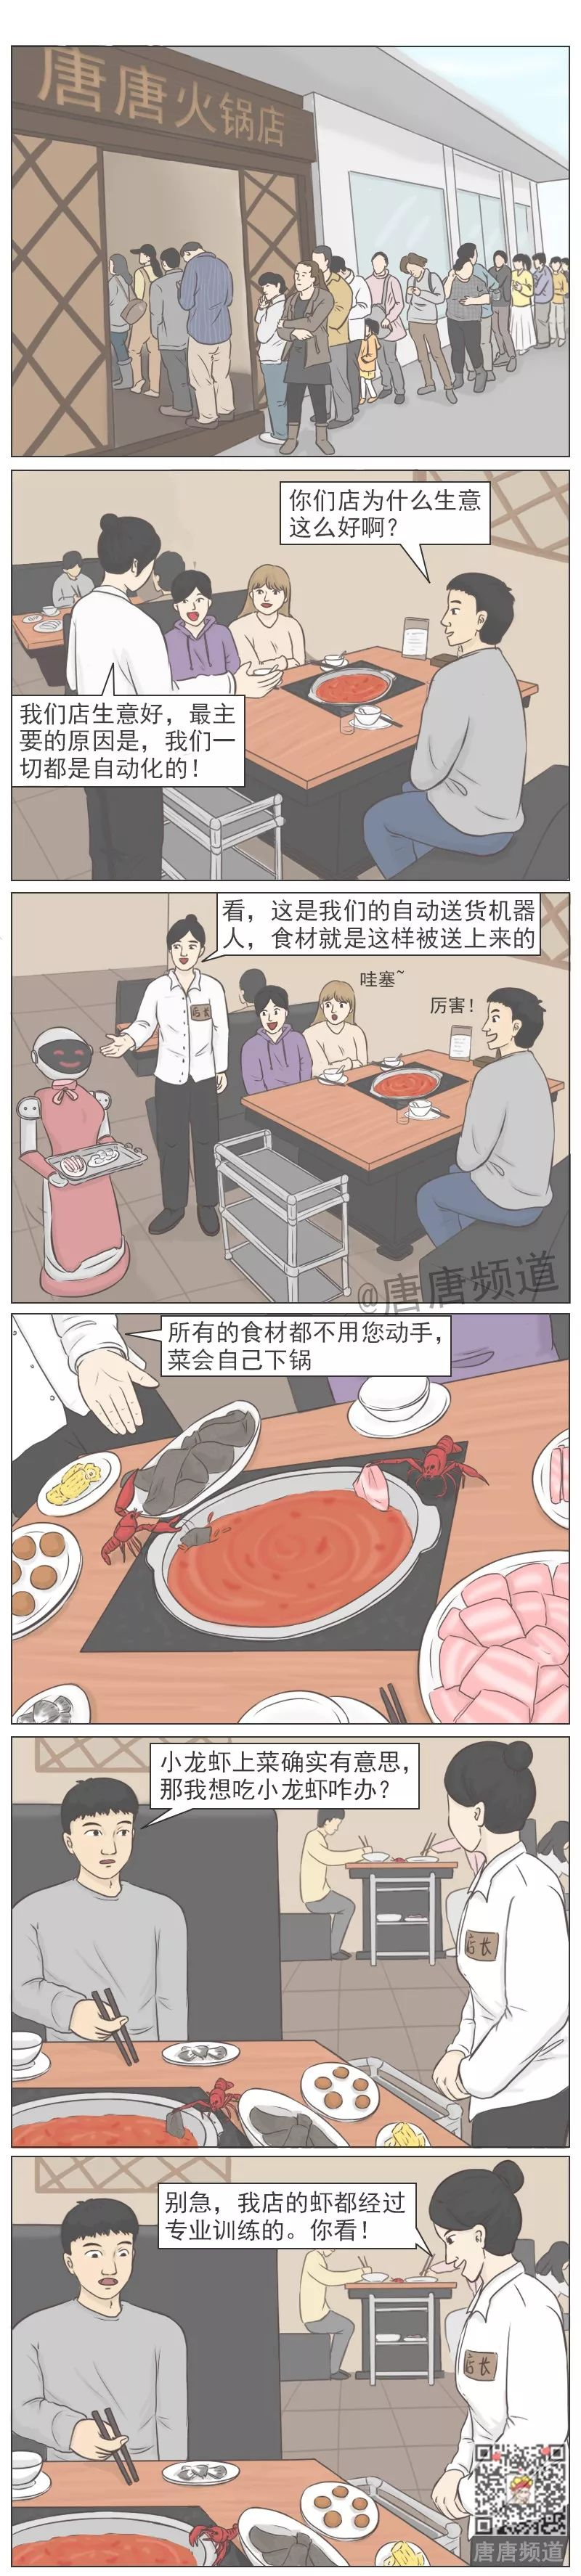 火锅店火爆全网独家秘笈!全因小龙虾太聪明(第139期)